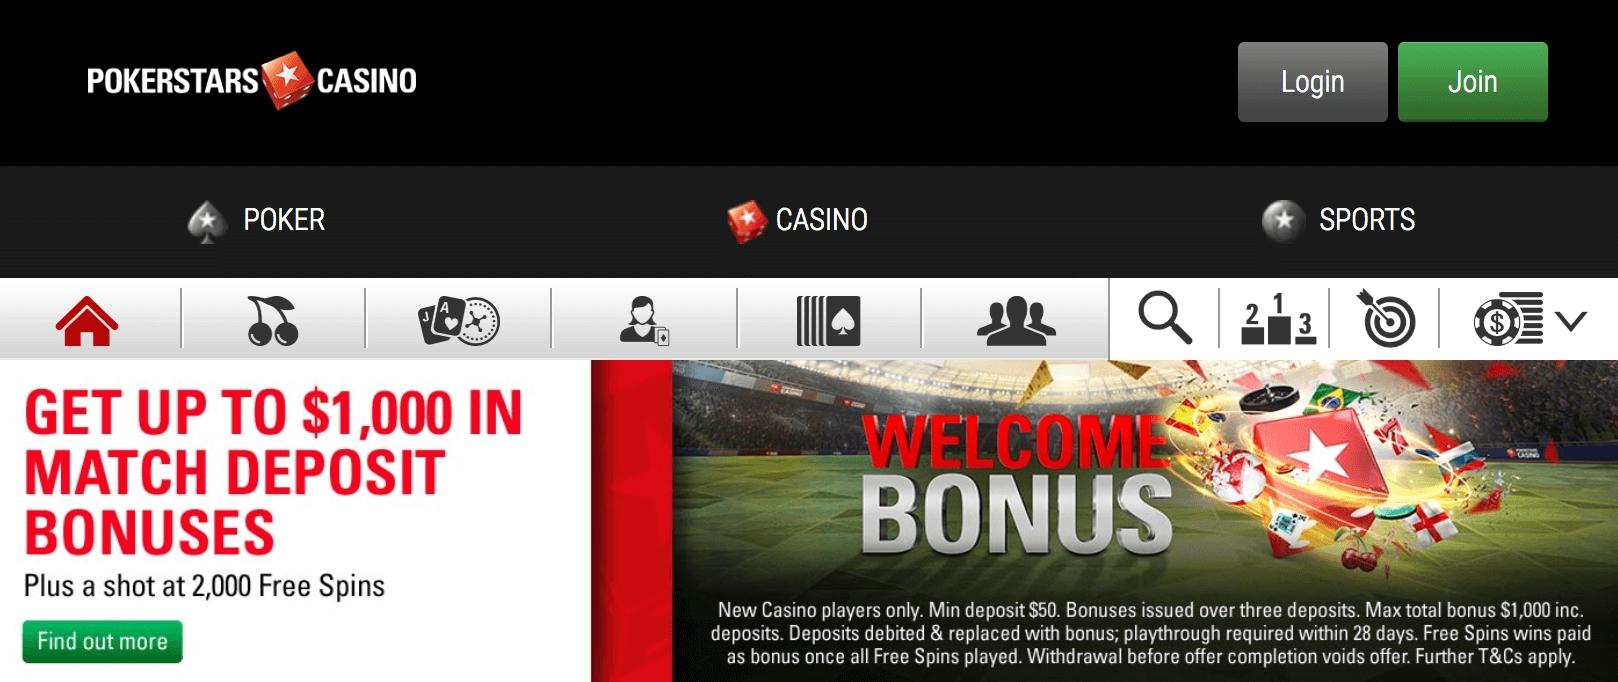 100% casino match bonus at Miami Club